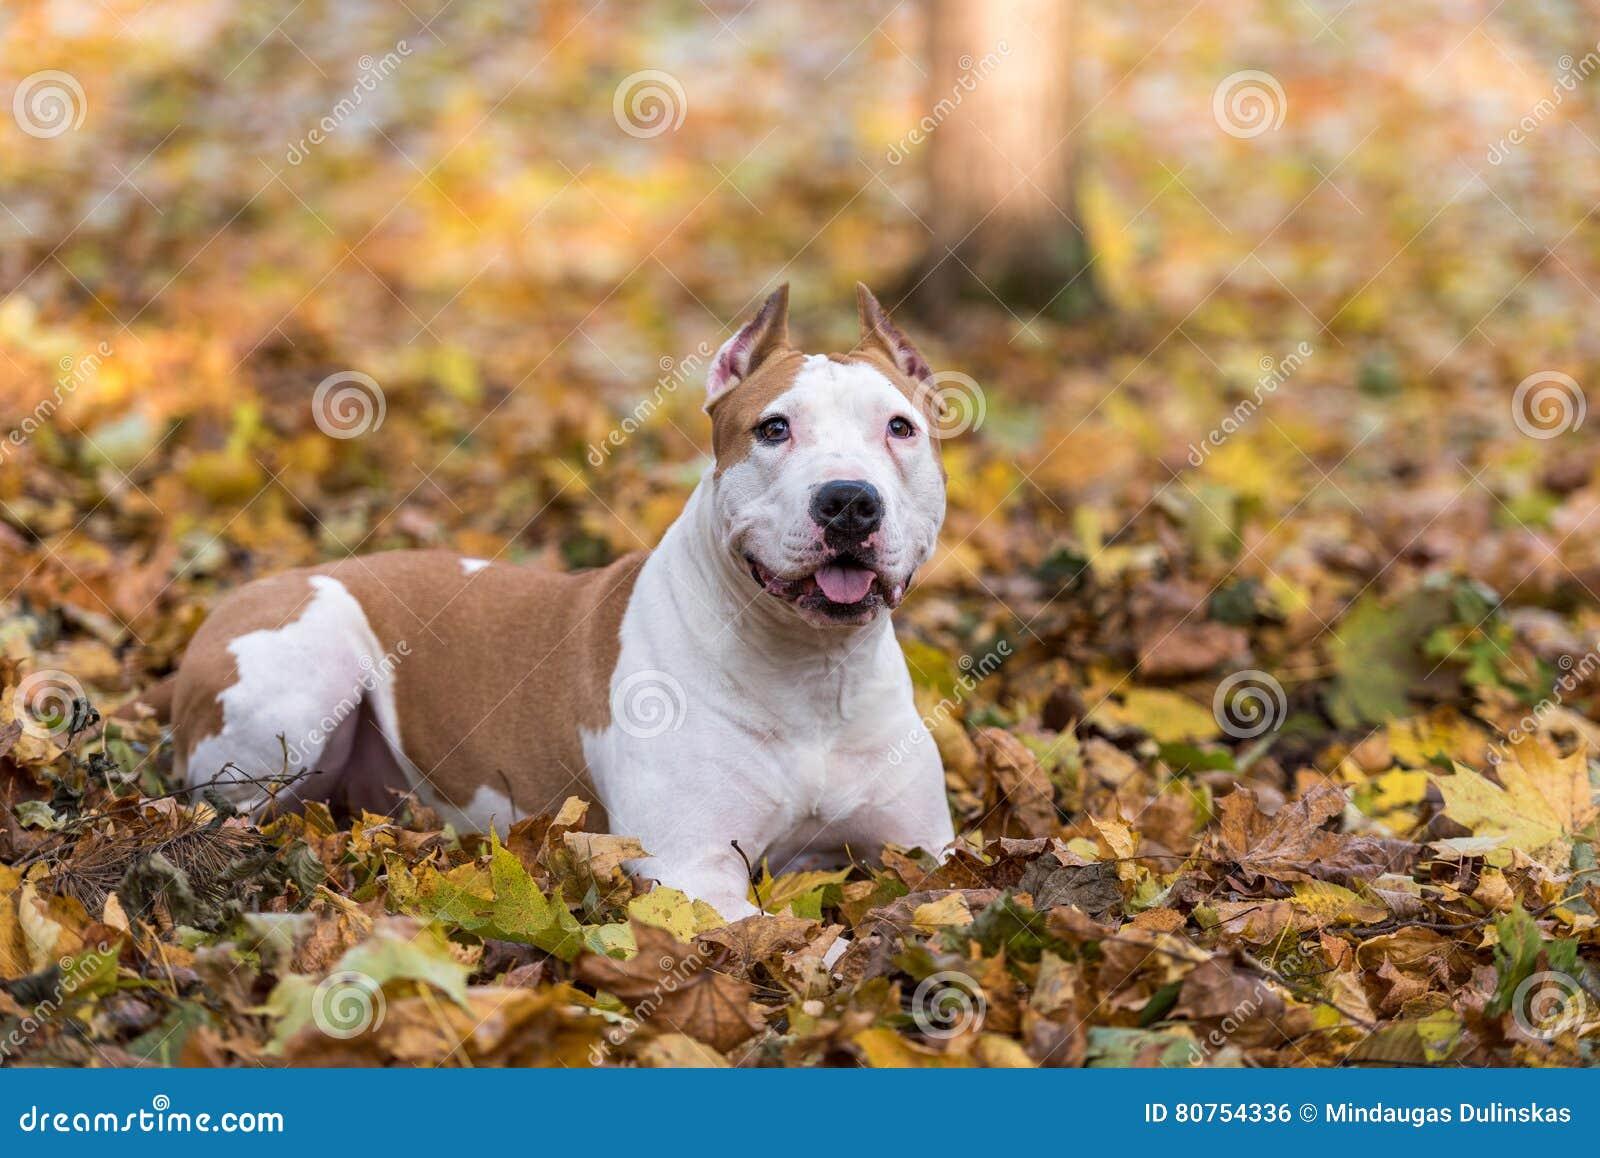 Amerikanische Bulldogge liegt aus den Grund